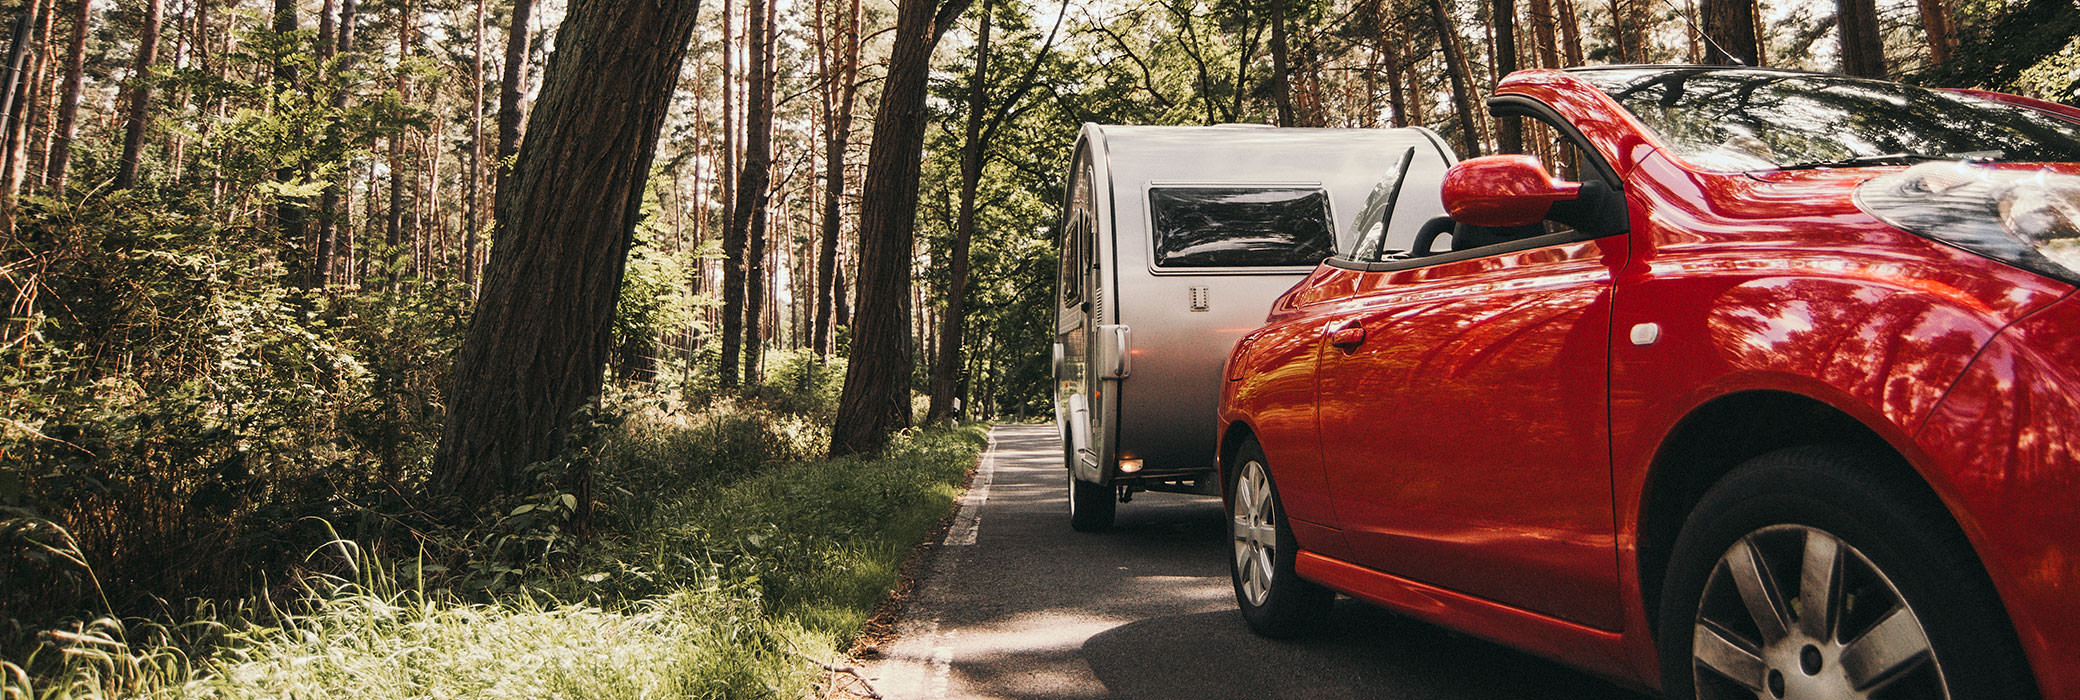 Rød cabriolet med en hvid campingvogn kører ned ad en landevej